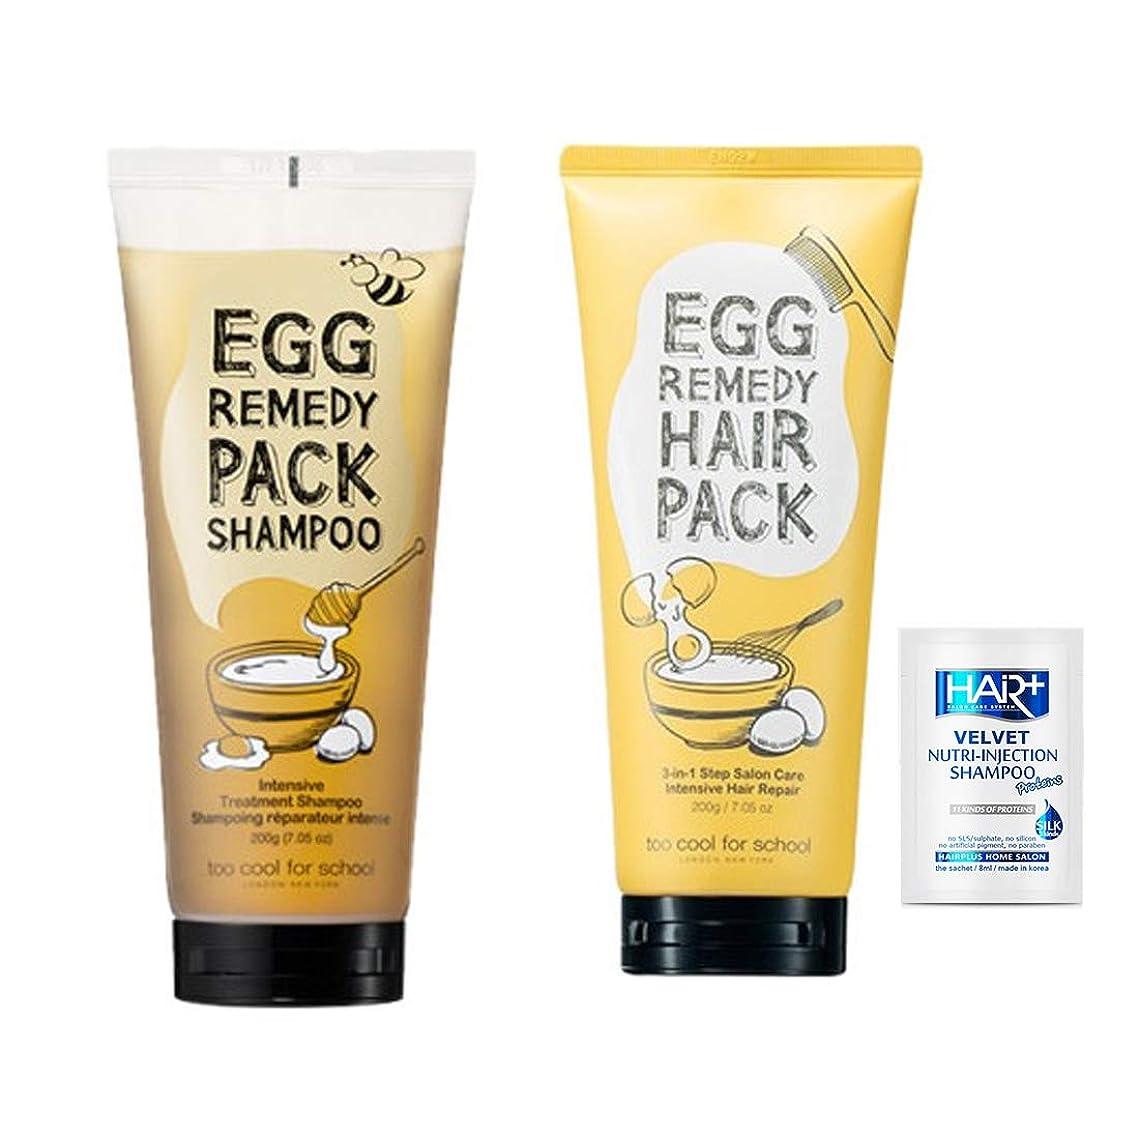 チチカカ湖明らか誘うトゥークールフォ―スクール(too cool for school)/エッグレミディパックシャンプーtoo cool for school Egg Remedy Pack Shampoo 200ml + エッグレミディヘアパック/too cool for school Egg Remedy Hair Pack 200ML [並行輸入品]+non silicon shampoo 8ml